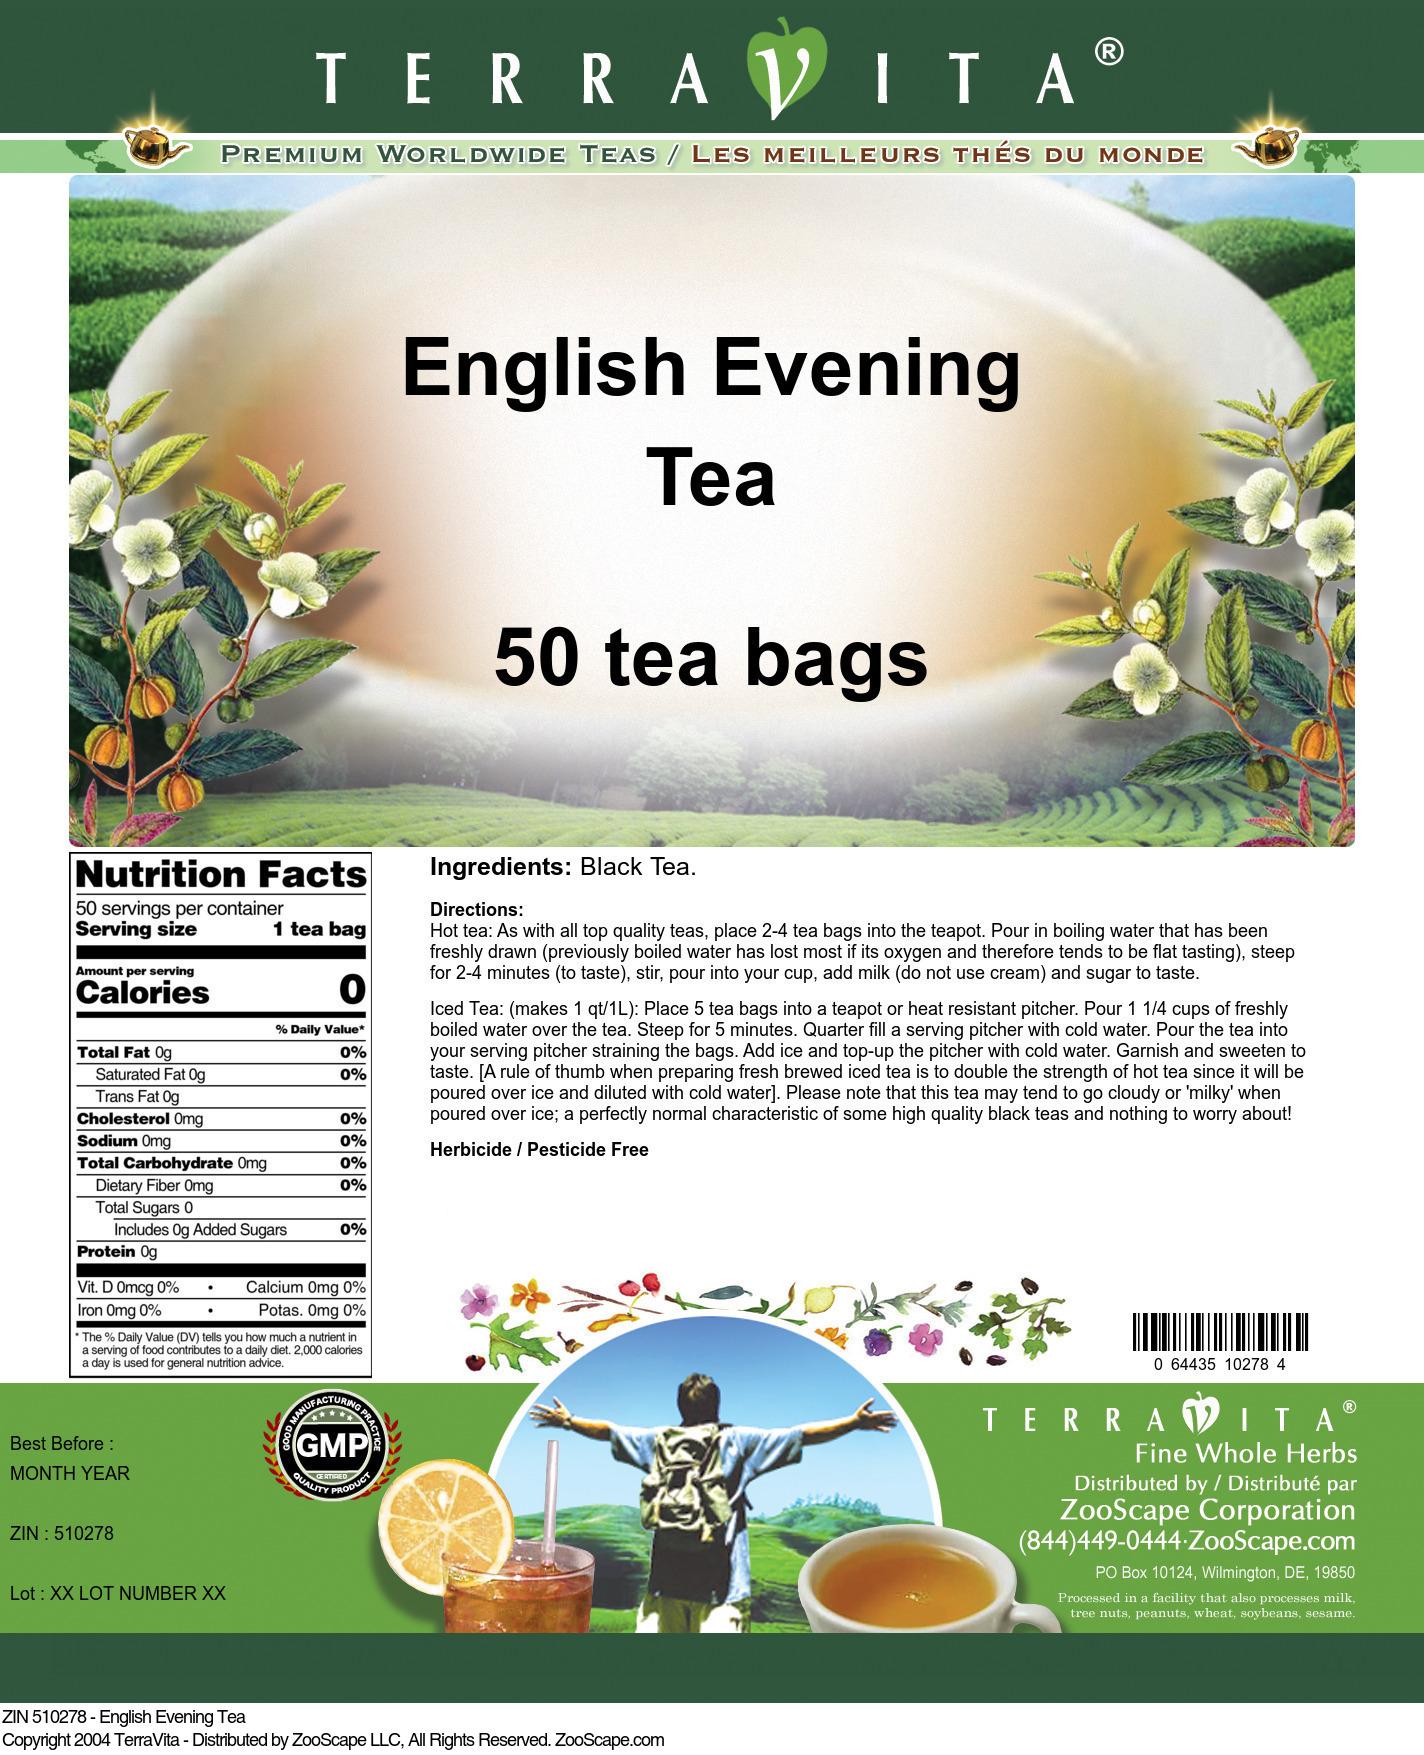 English Evening